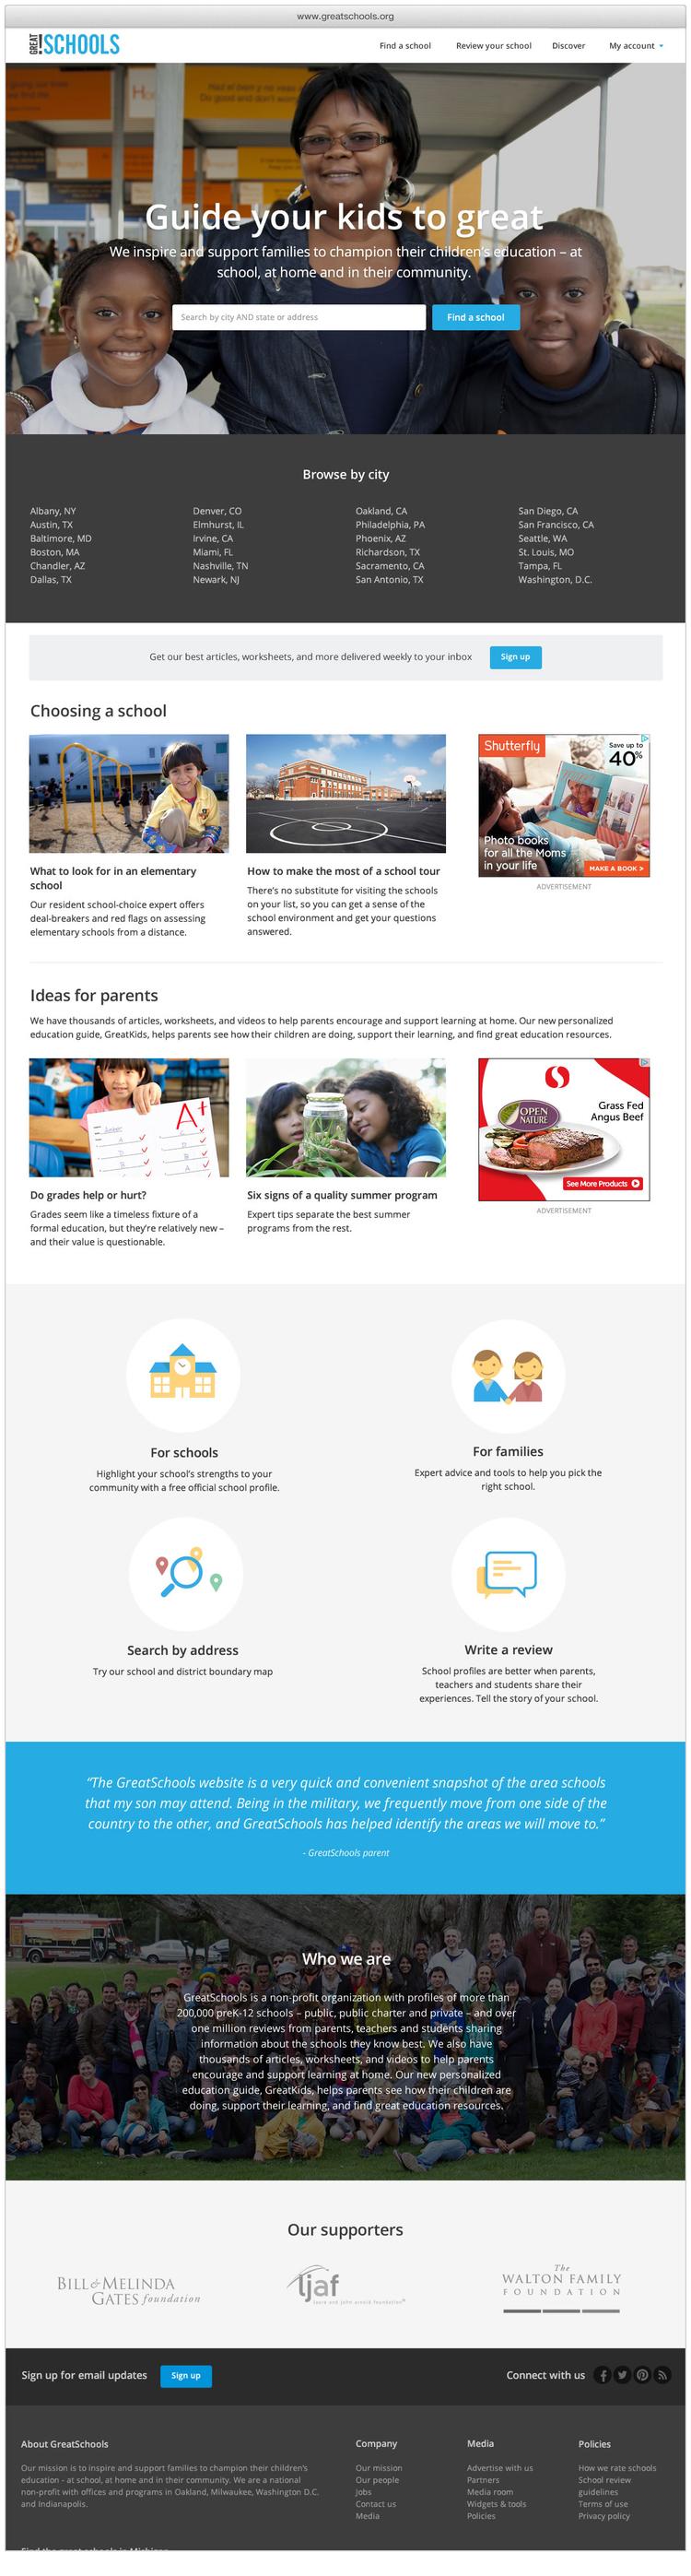 Worksheet Grade Schools.org greatschools org redesign stephen lowe gs template homepage jpg